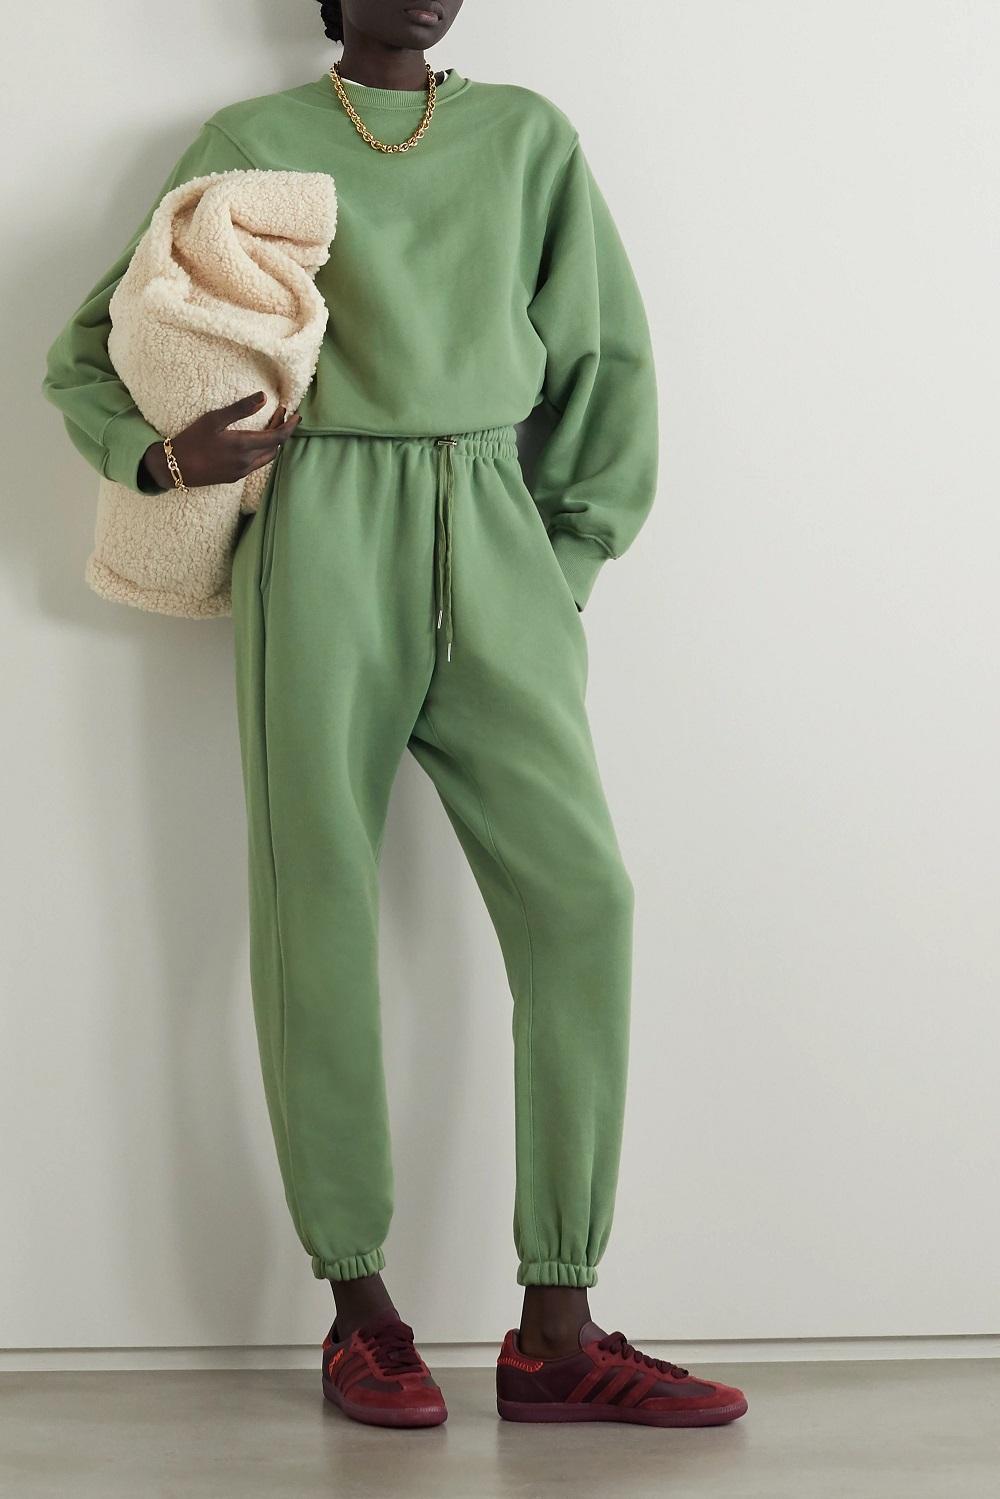 The Frankie Shop zelena boja modni trend proljeće 2021.